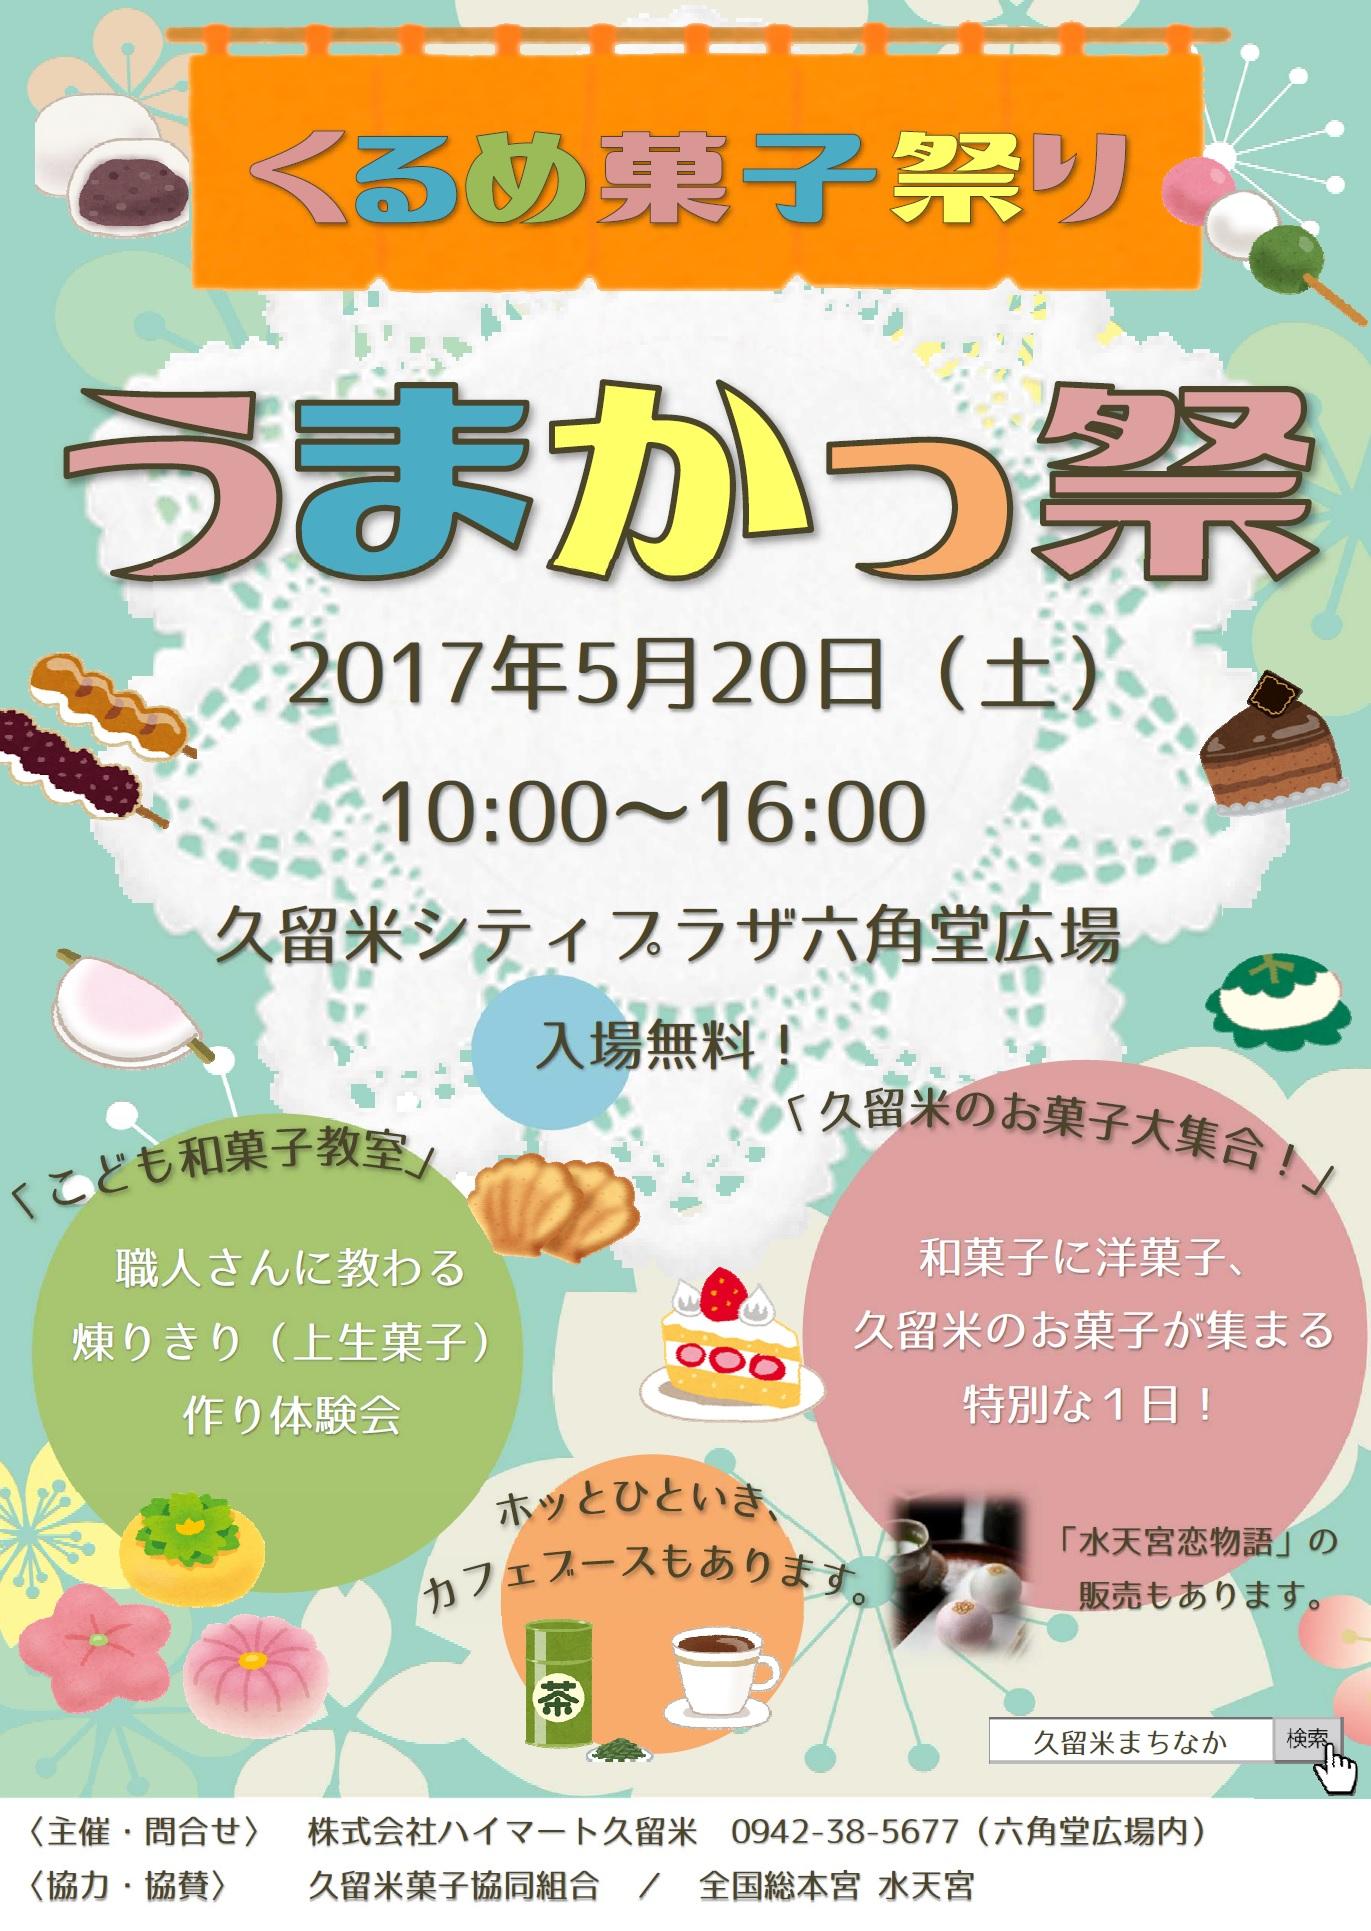 くるめ菓子祭り 「うまかっ祭」